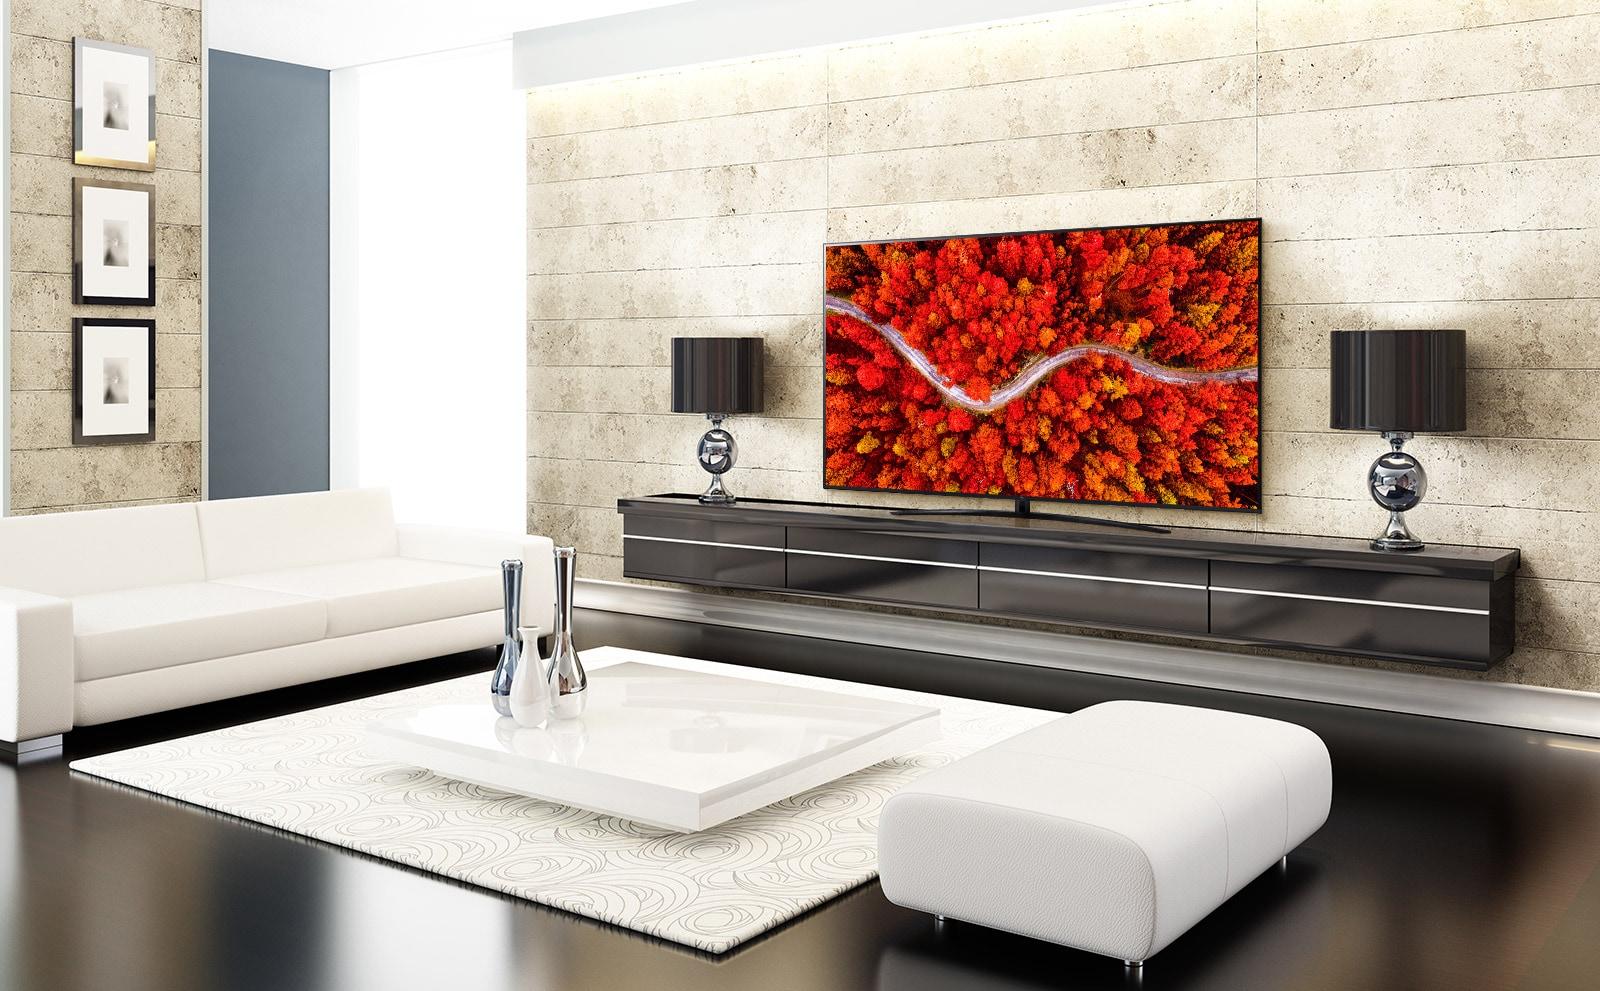 Una sala elegante con un televisor que muestra una vista aérea de los bosques en rojo.